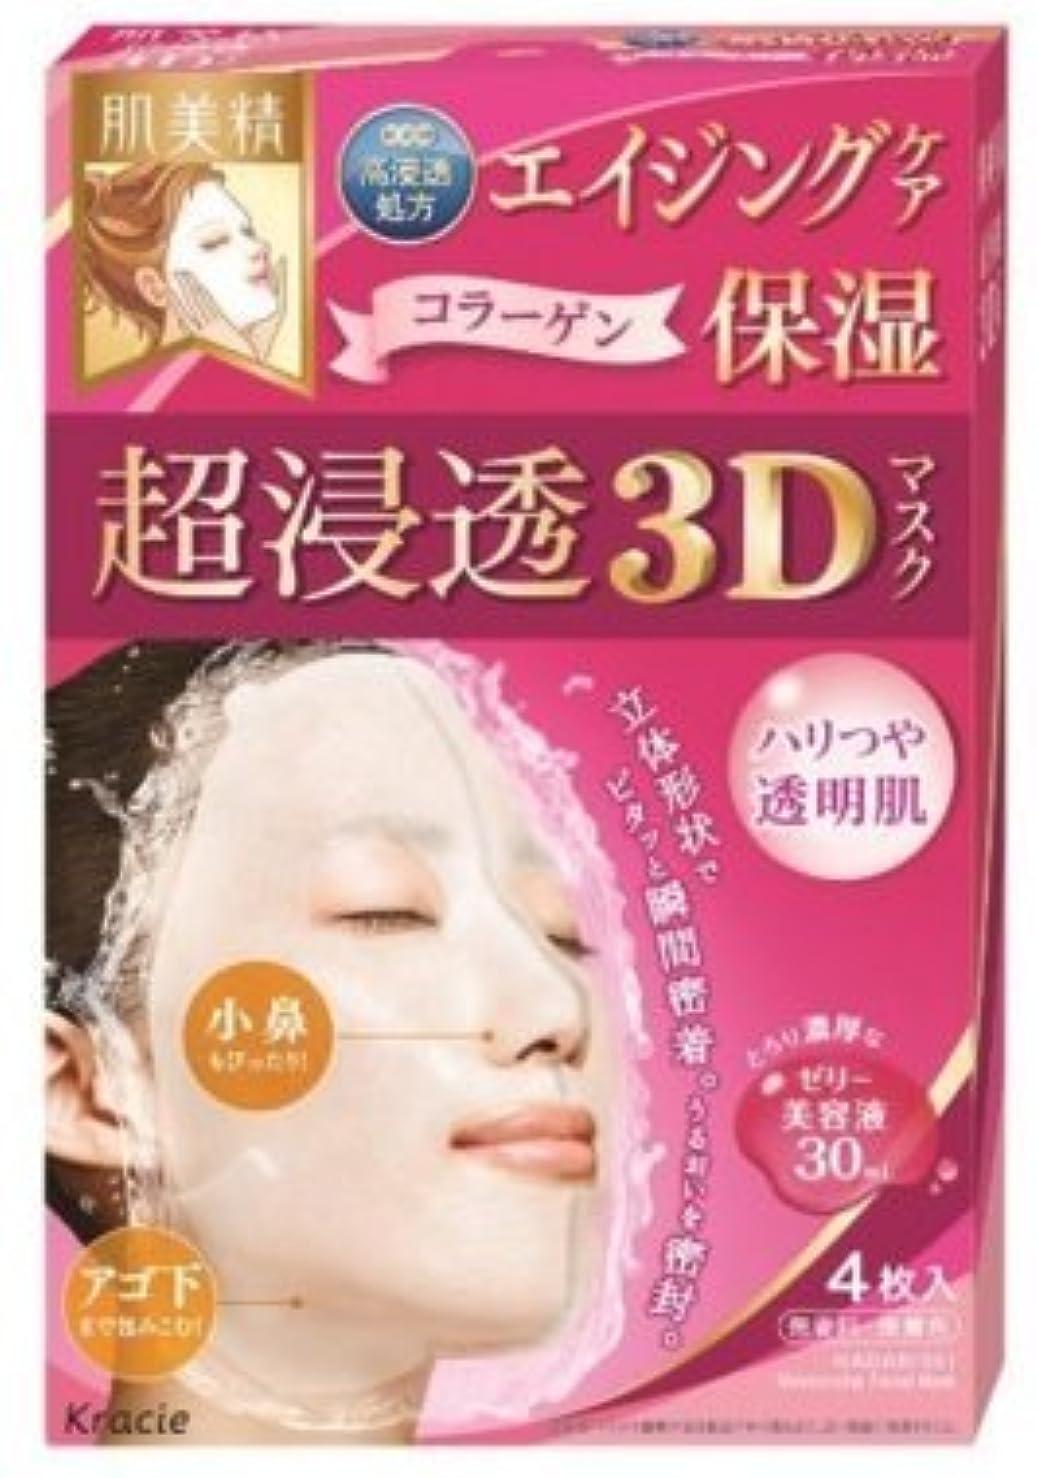 スマッシュ解放問い合わせ肌美精 超浸透3Dマスク (エイジング保湿) 4枚×3個セット